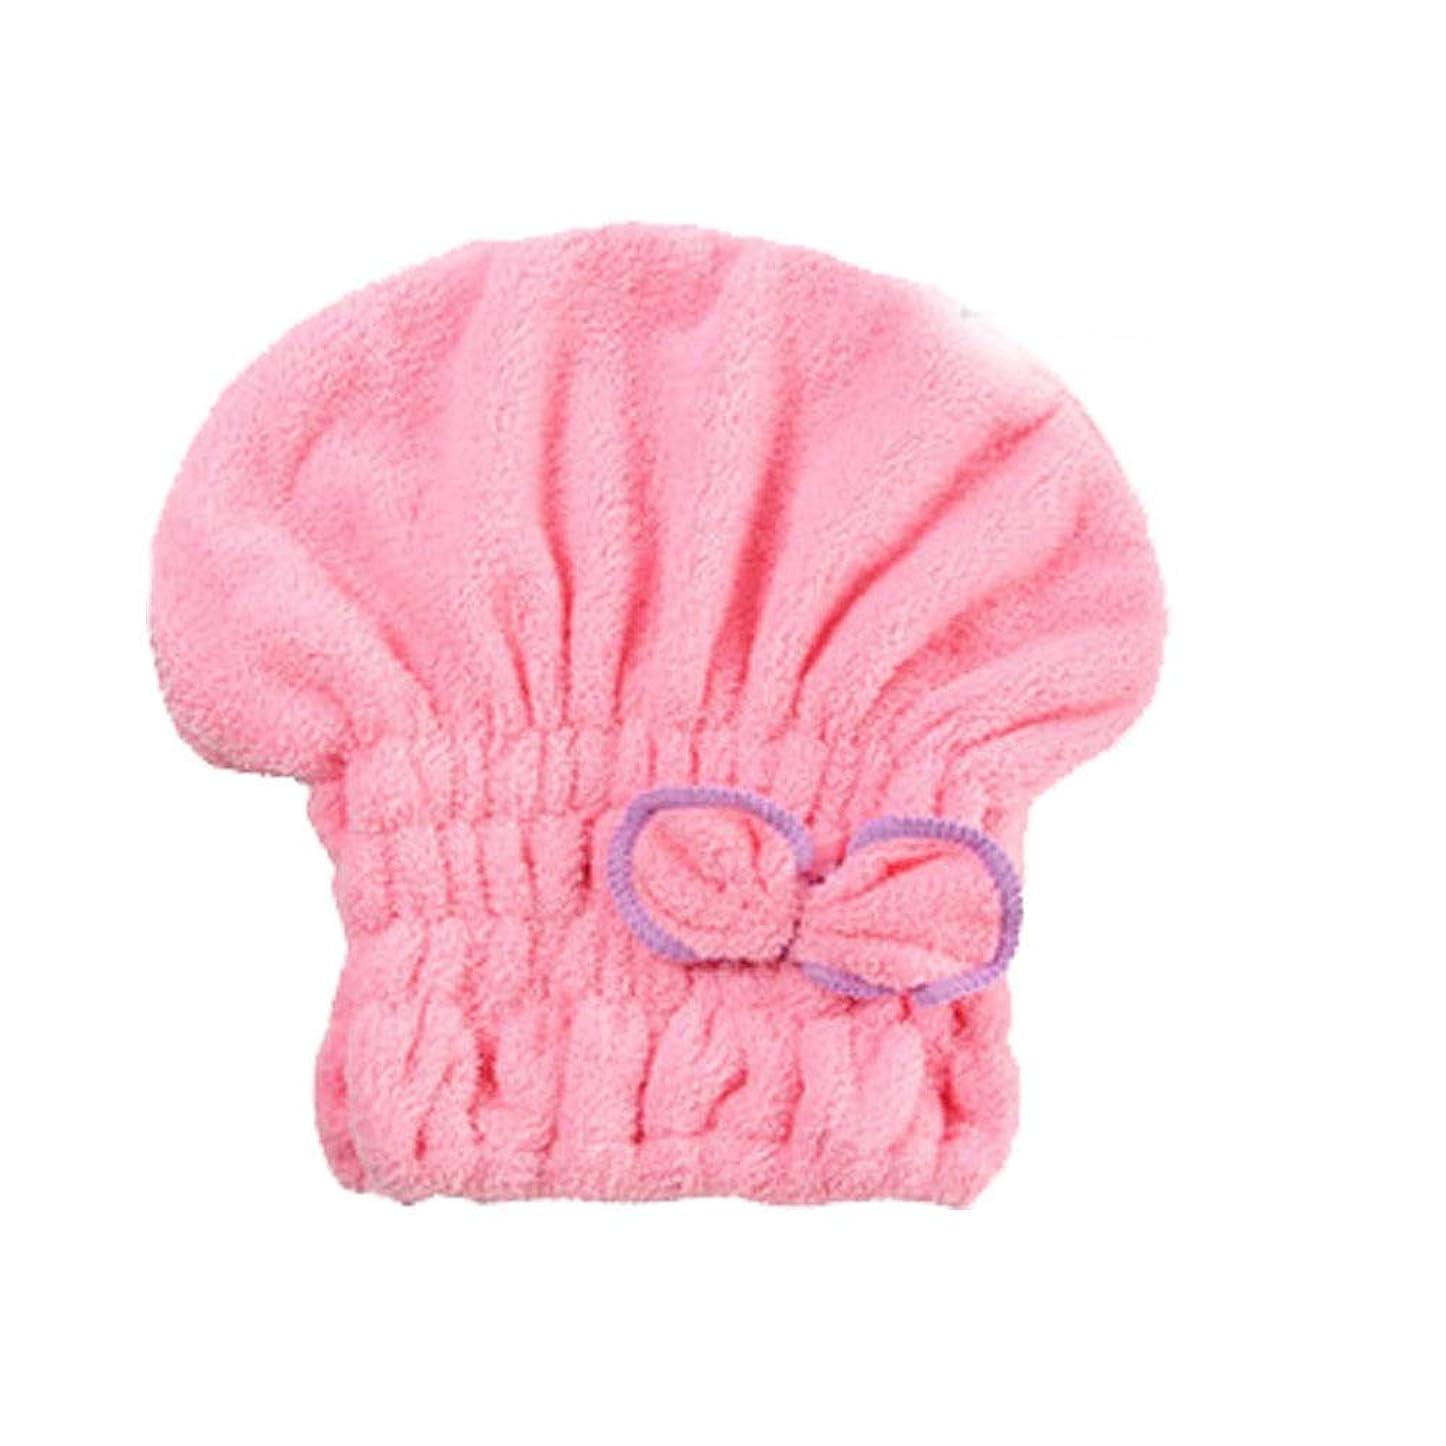 何か見つける聴覚障害者シャワーキャップ、女性用ドライシャワーキャップ女性用のデラックスシャワーキャップ長さと太さ、再利用可能なシャワー。 (Color : Pink)